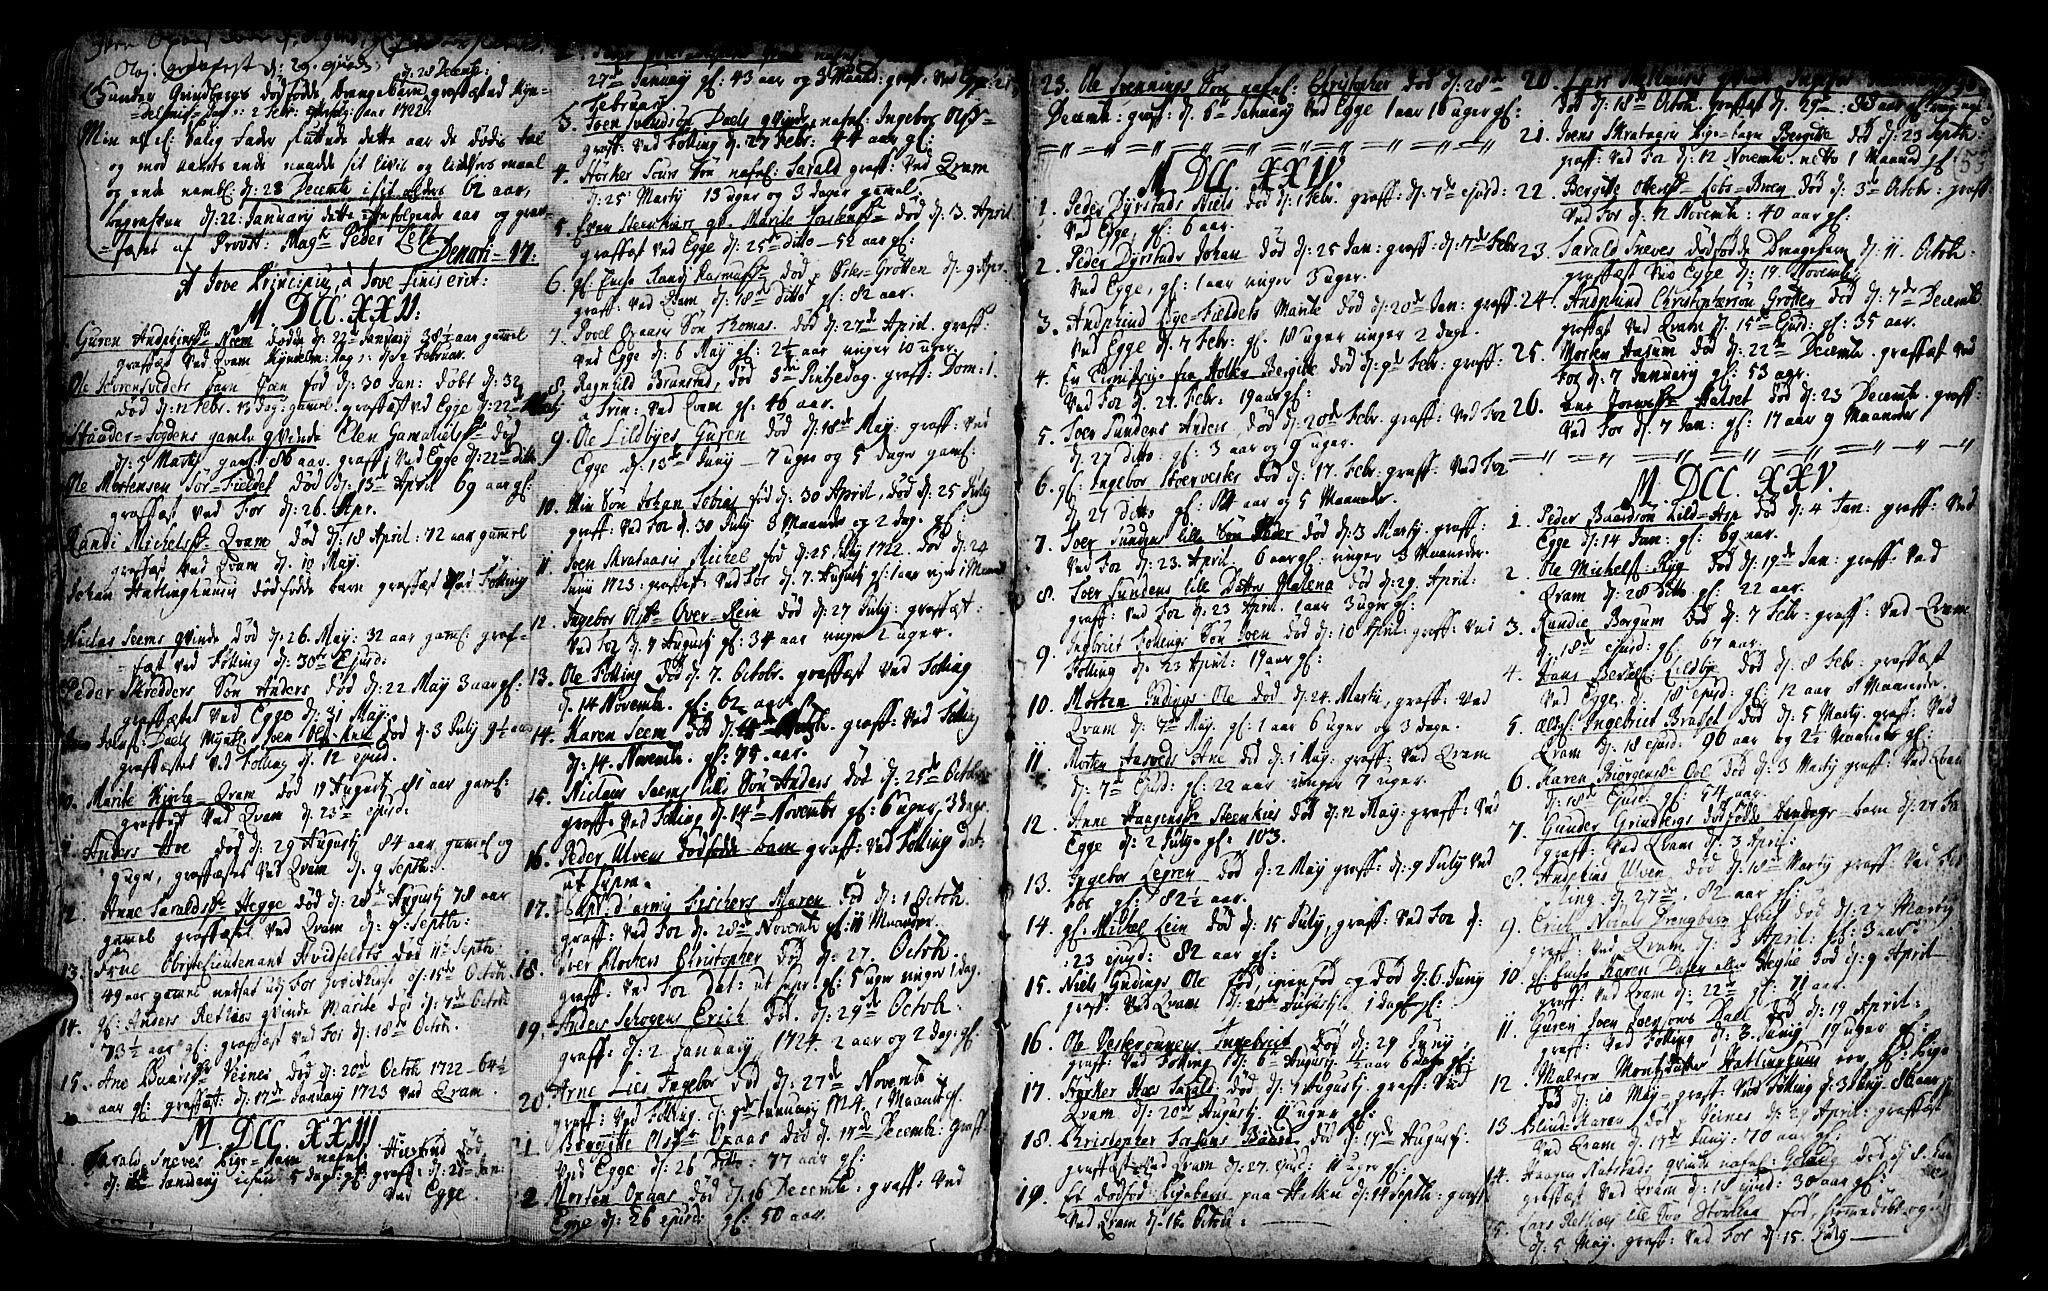 SAT, Ministerialprotokoller, klokkerbøker og fødselsregistre - Nord-Trøndelag, 746/L0439: Ministerialbok nr. 746A01, 1688-1759, s. 59